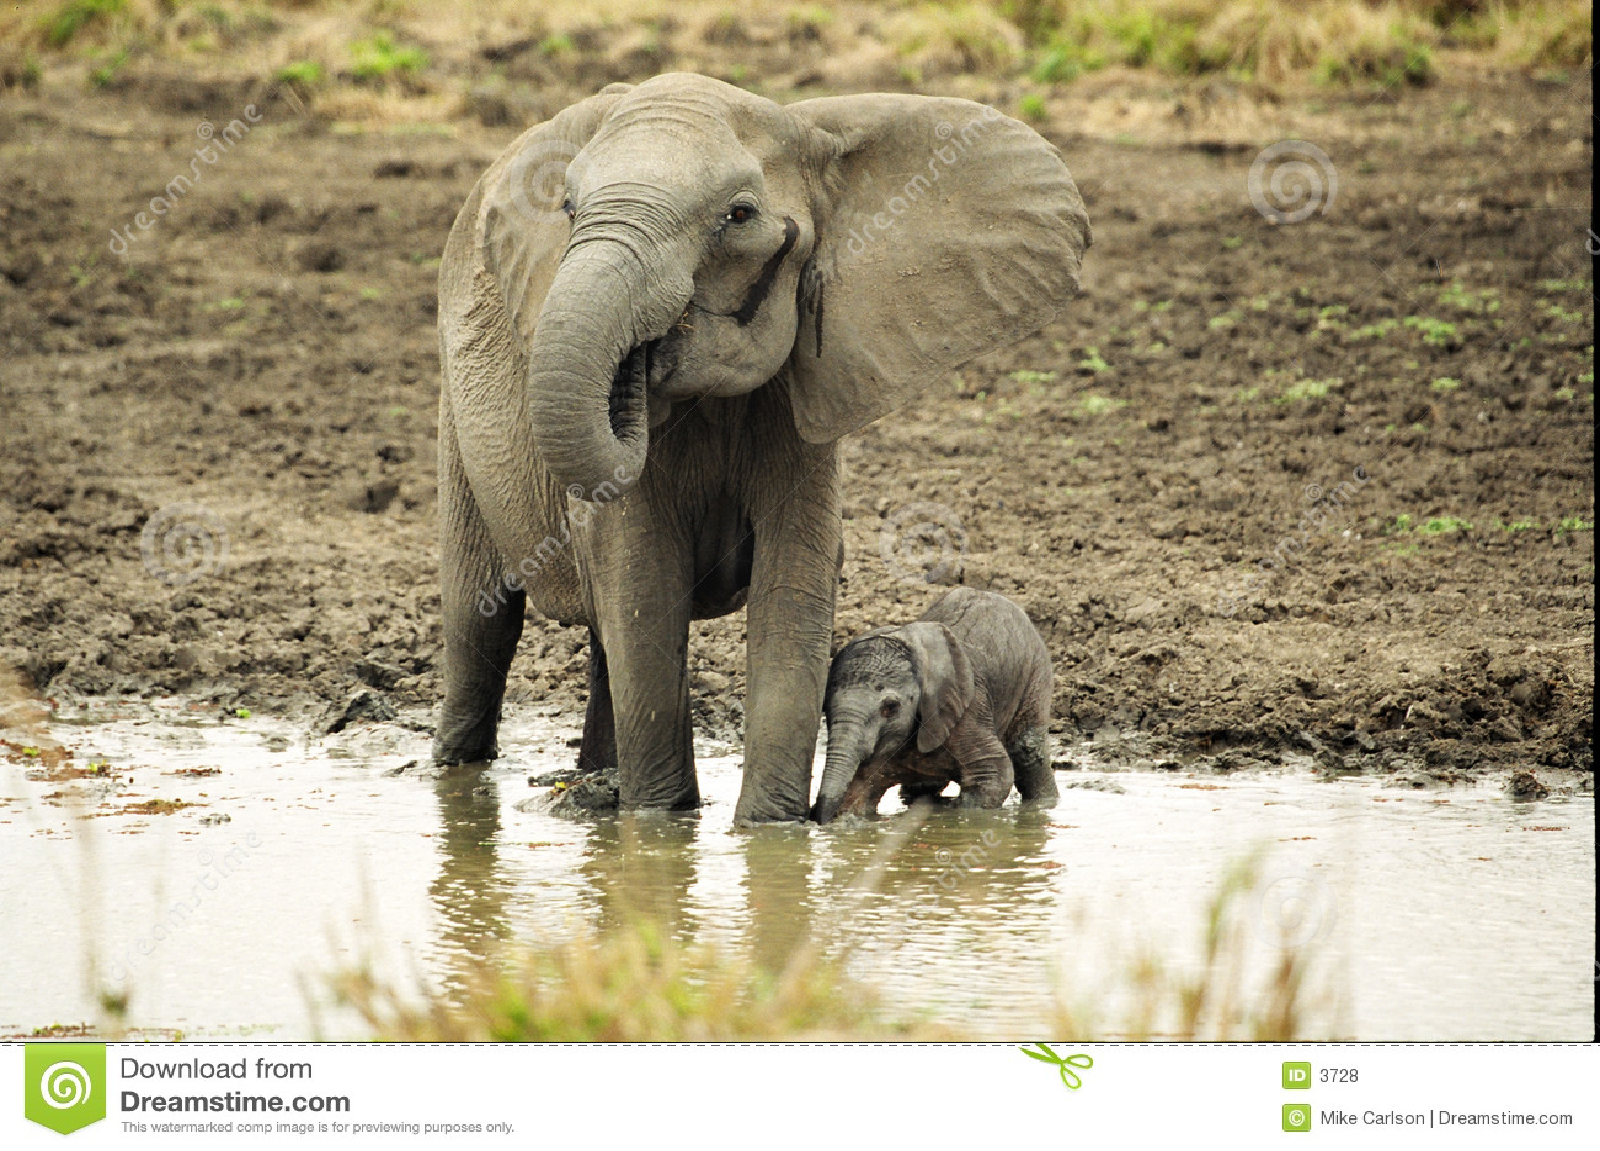 Elefante y reci n nacido fotos de archivo libres de - Fotos de elefantes bebes ...